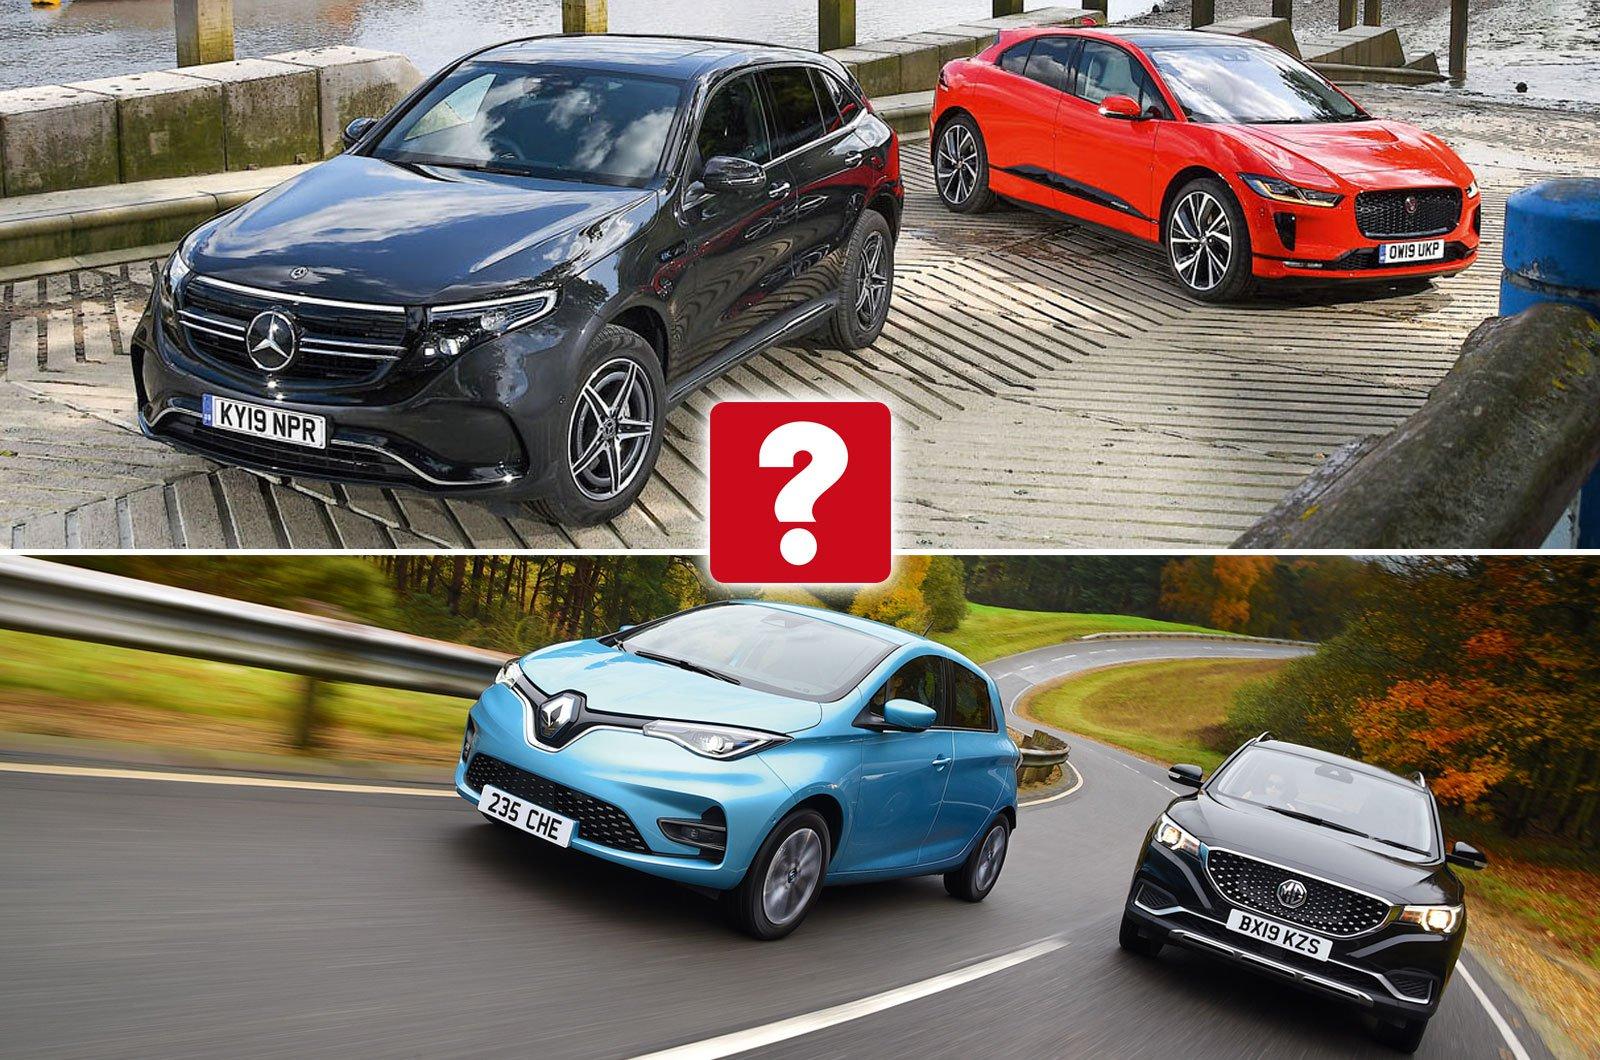 Mercedes EQC, Jaguar I-Pace, Renault Zoe, MG ZS EV